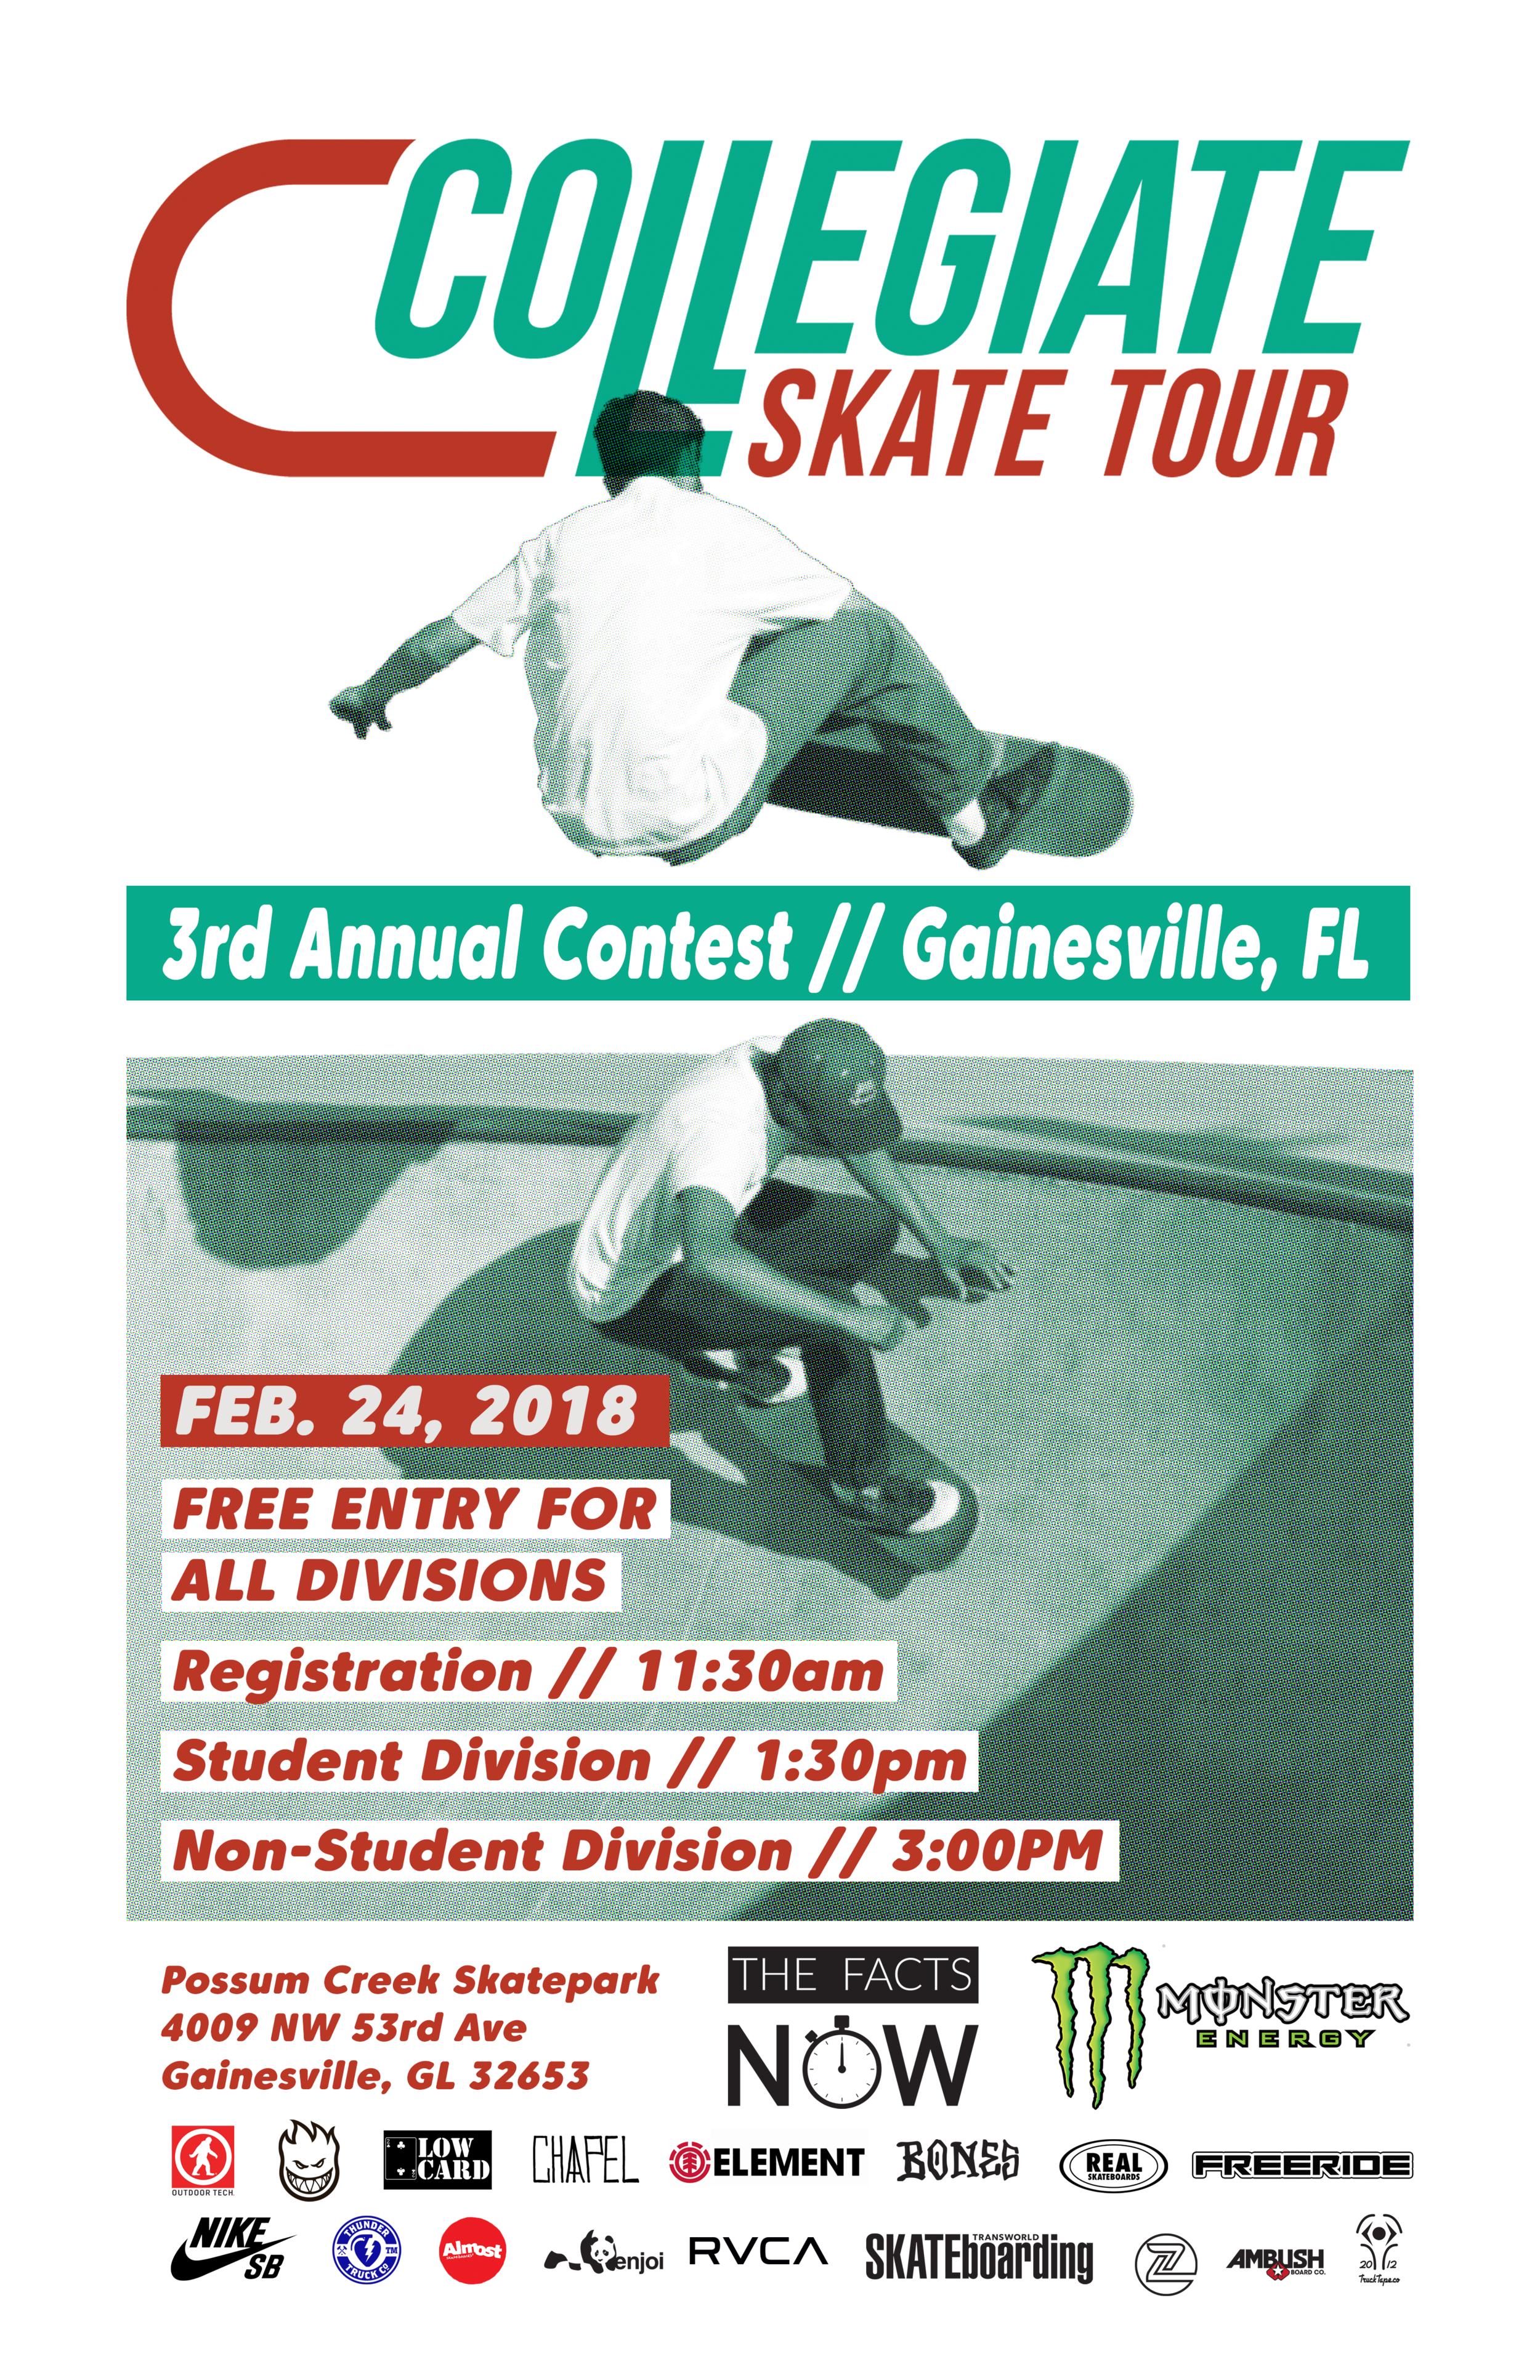 Gainesville, FL - 02/25/2018